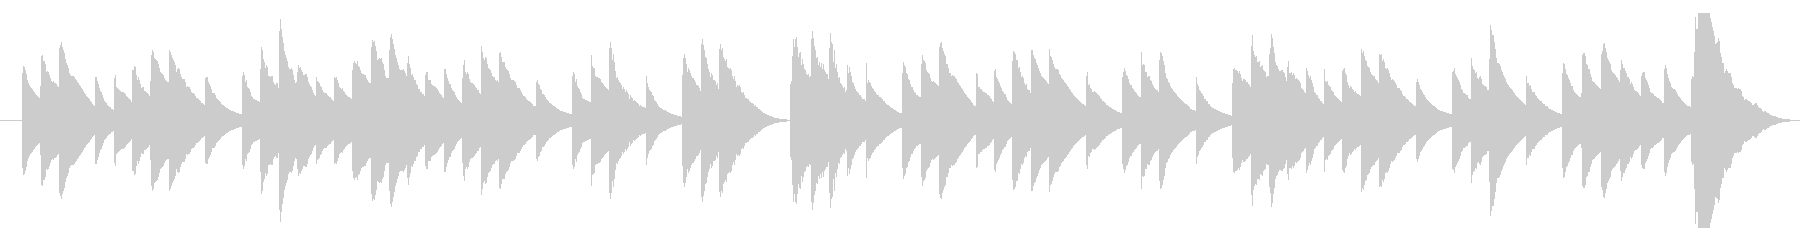 儚げなオルゴールのBGMの未再生の波形